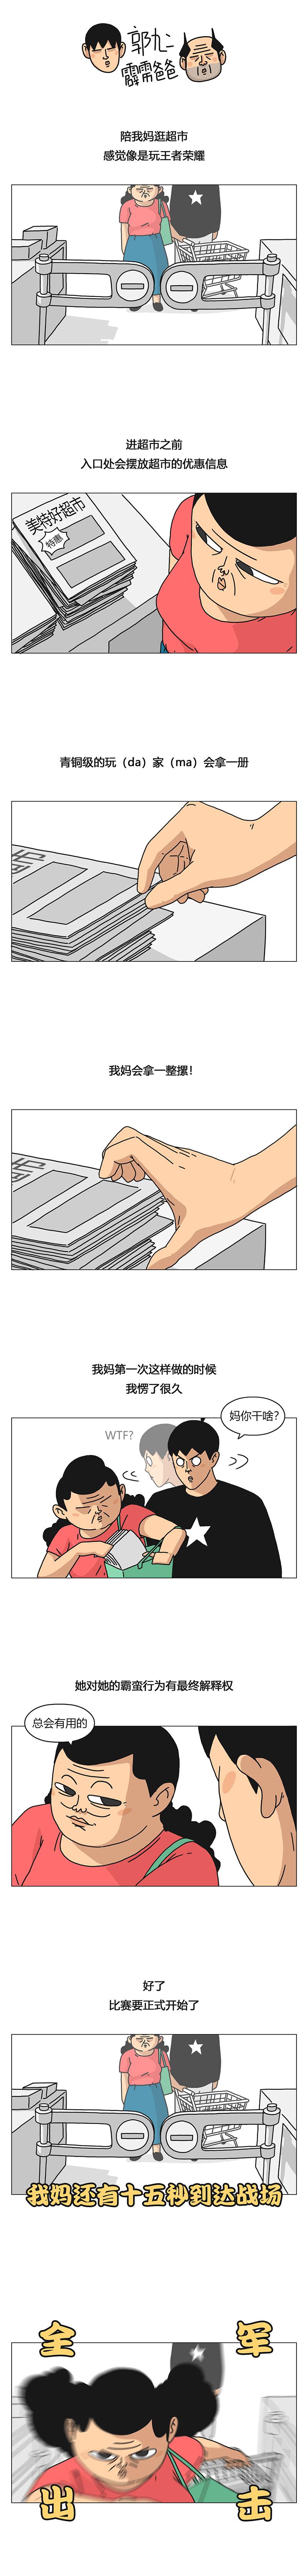 查看《超市王者荣耀》原图,原图尺寸:800x6685